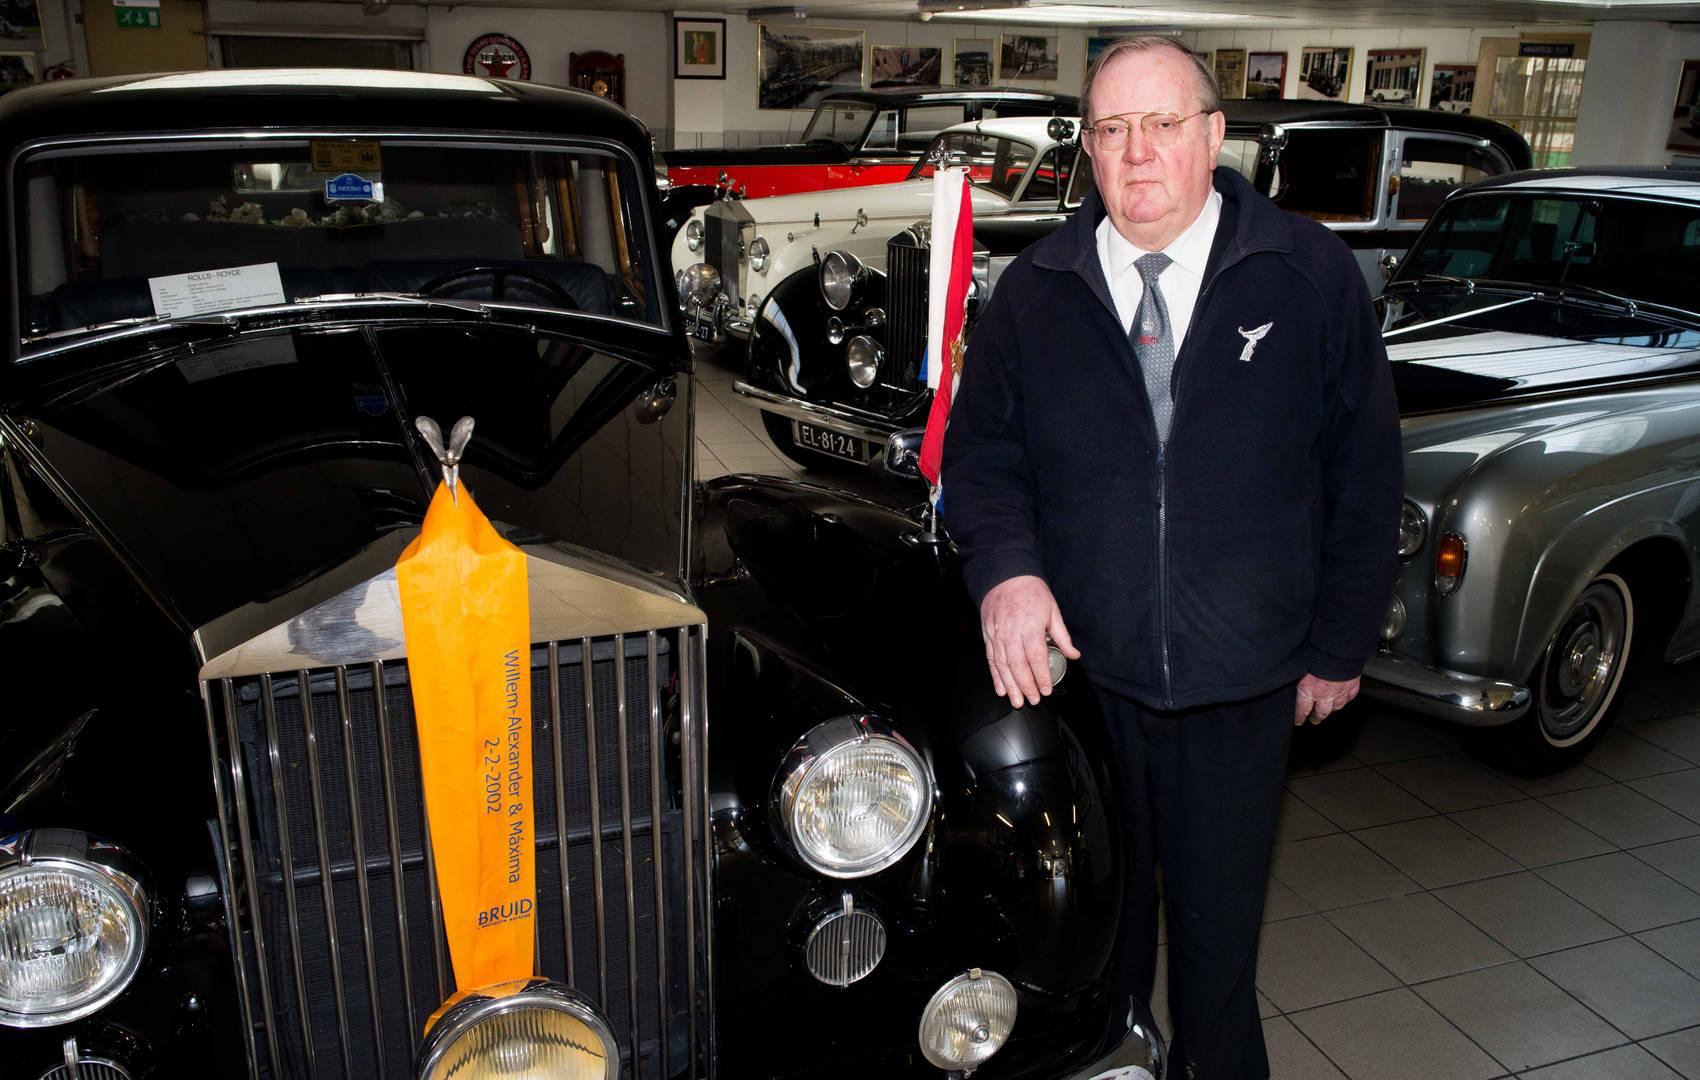 Dolf Meijers (65) is eigenaar van autobedrijf Meijers in Utrecht en heeft de meest exclusieve autocollectie van Nederland die particulieren kunnen huren voor bijzondere gelegenheden.  'Er zijn meerdere autoverhuurbedrijven in Nederland, maar niemand heeft zoveel verschillende exclusieve modellen als wij. We hebben een collectie aan van 19 verschillende Rolls-Royce's, daarnaast verhuren we Lamborghini's, Ferrari's, Porches en Limousines. Ook hebben we twee exclusieve Cadilac's uit de collectie van Elvis Presley die we op een veiling in Amerika hebben gekocht. We hebben een gevarieerde klantenkring; van jonge bruidsparen die op de meest bijzondere dag van hun leven in een exclusieve auto willen rijden, tot rappers die voor het opnemen van hun videoclip een stoere auto nodig hebben. Ook het koninklijk huis behoort tot onze clientèle. Ooit heb ik de speciaal ontworpen Rolls-Royce van wijlen Koningin Juliana overgenomen van het Koninklijk Huis. Toen koning Willem Alexander en koningin Maxima in 2002 gingen trouwen werd ik een aantal maanden voor hun huwelijk door de stalmeester van het koninklijk huis gebeld. Alles verliep in het diepste geheim; tot op de dag van het huwelijk wist zelf mijn vrouw niet dat ik toen nog prins Willem Alexander en prinses Maxima op de dag van huwelijk zou rijden in de oude Rolls-Royce.  Meijers Autobedrijf is een familiebedrijf, we bestaan inmiddels al 90 jaar. Ik ben als eigenaar van het bedrijf meegegaan met de tijd: door sportwagens toe te voegen aan de collectie krijgen we een bredere klantenkring. Ik merk dat de jongere generatie vooral geïnteresseerd is in de snelle sportwagens, daar maak je indruk mee. Wanneer mensen hier binnenkomen om een auto uit te zoeken voor hun huwelijk, zijn het vaak de mannen die hun vrouw overhalen om te trouwen in een snelle bak. Het is toch bijzonder om op de meest speciale dag van je leven in de auto te trouwen waar je als kleine jongen van hebt gedroomd.'